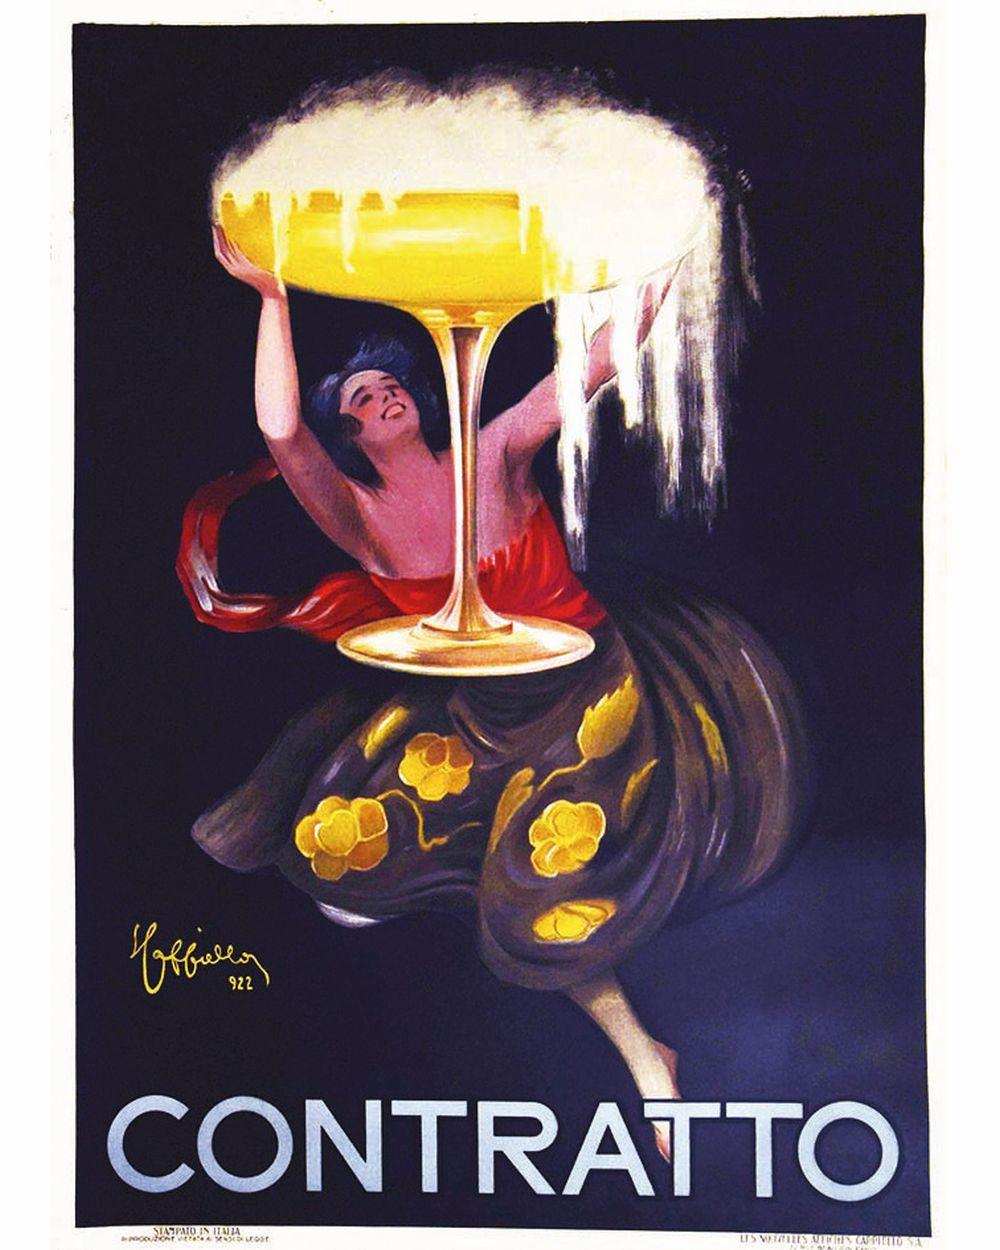 CAPPIELLO LEONETTO - Contratto     1922